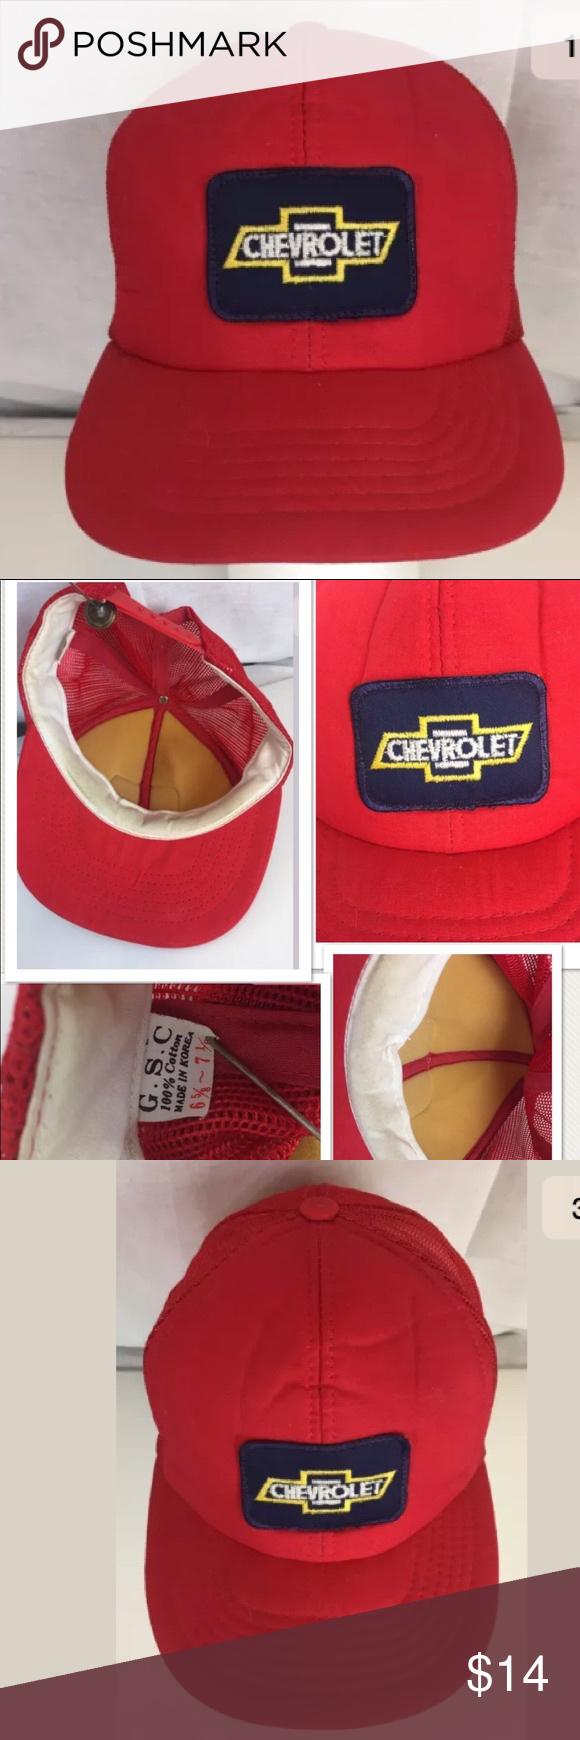 VTG Chevy Chevrolet Trucker Snapback Hat Baseball Vintage